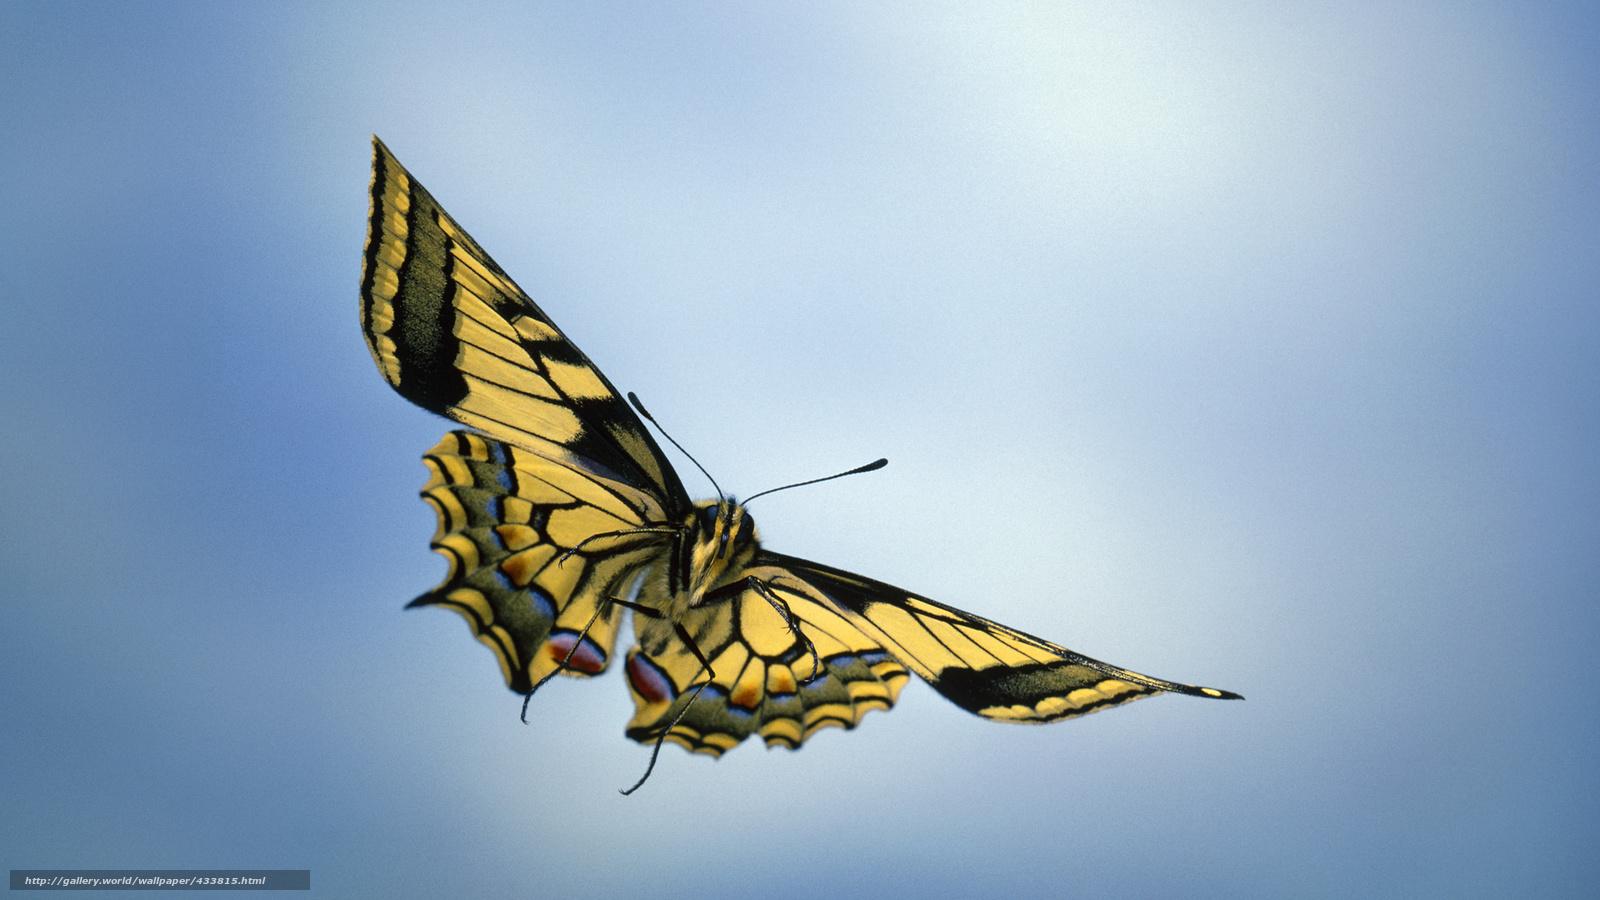 Скачать обои Небо,  бабочка,  крылышки бесплатно для рабочего стола в разрешении 1920x1080 — картинка №433815